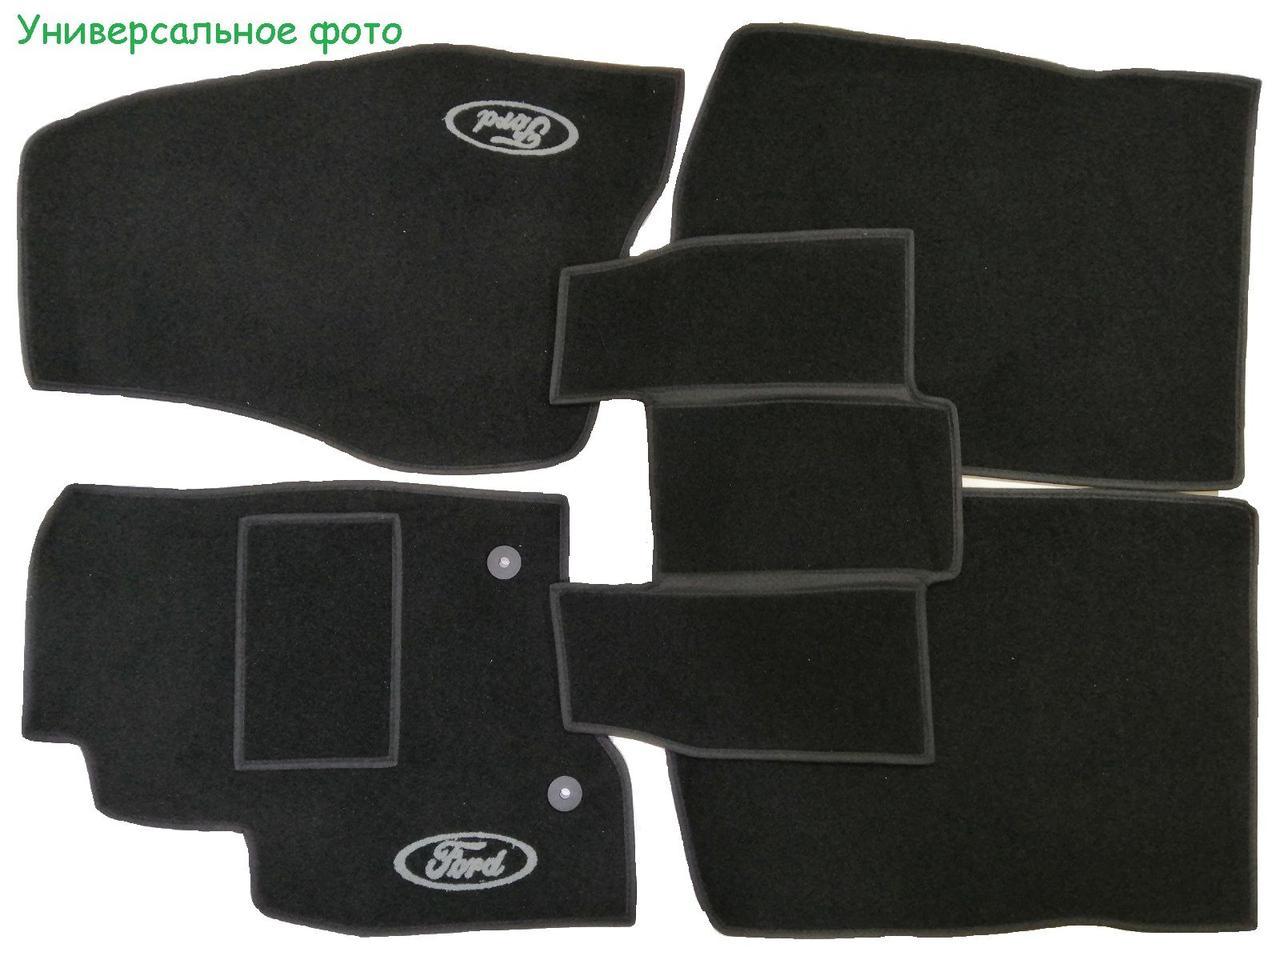 Коврики ворсовые  на Hyundai i40 черные